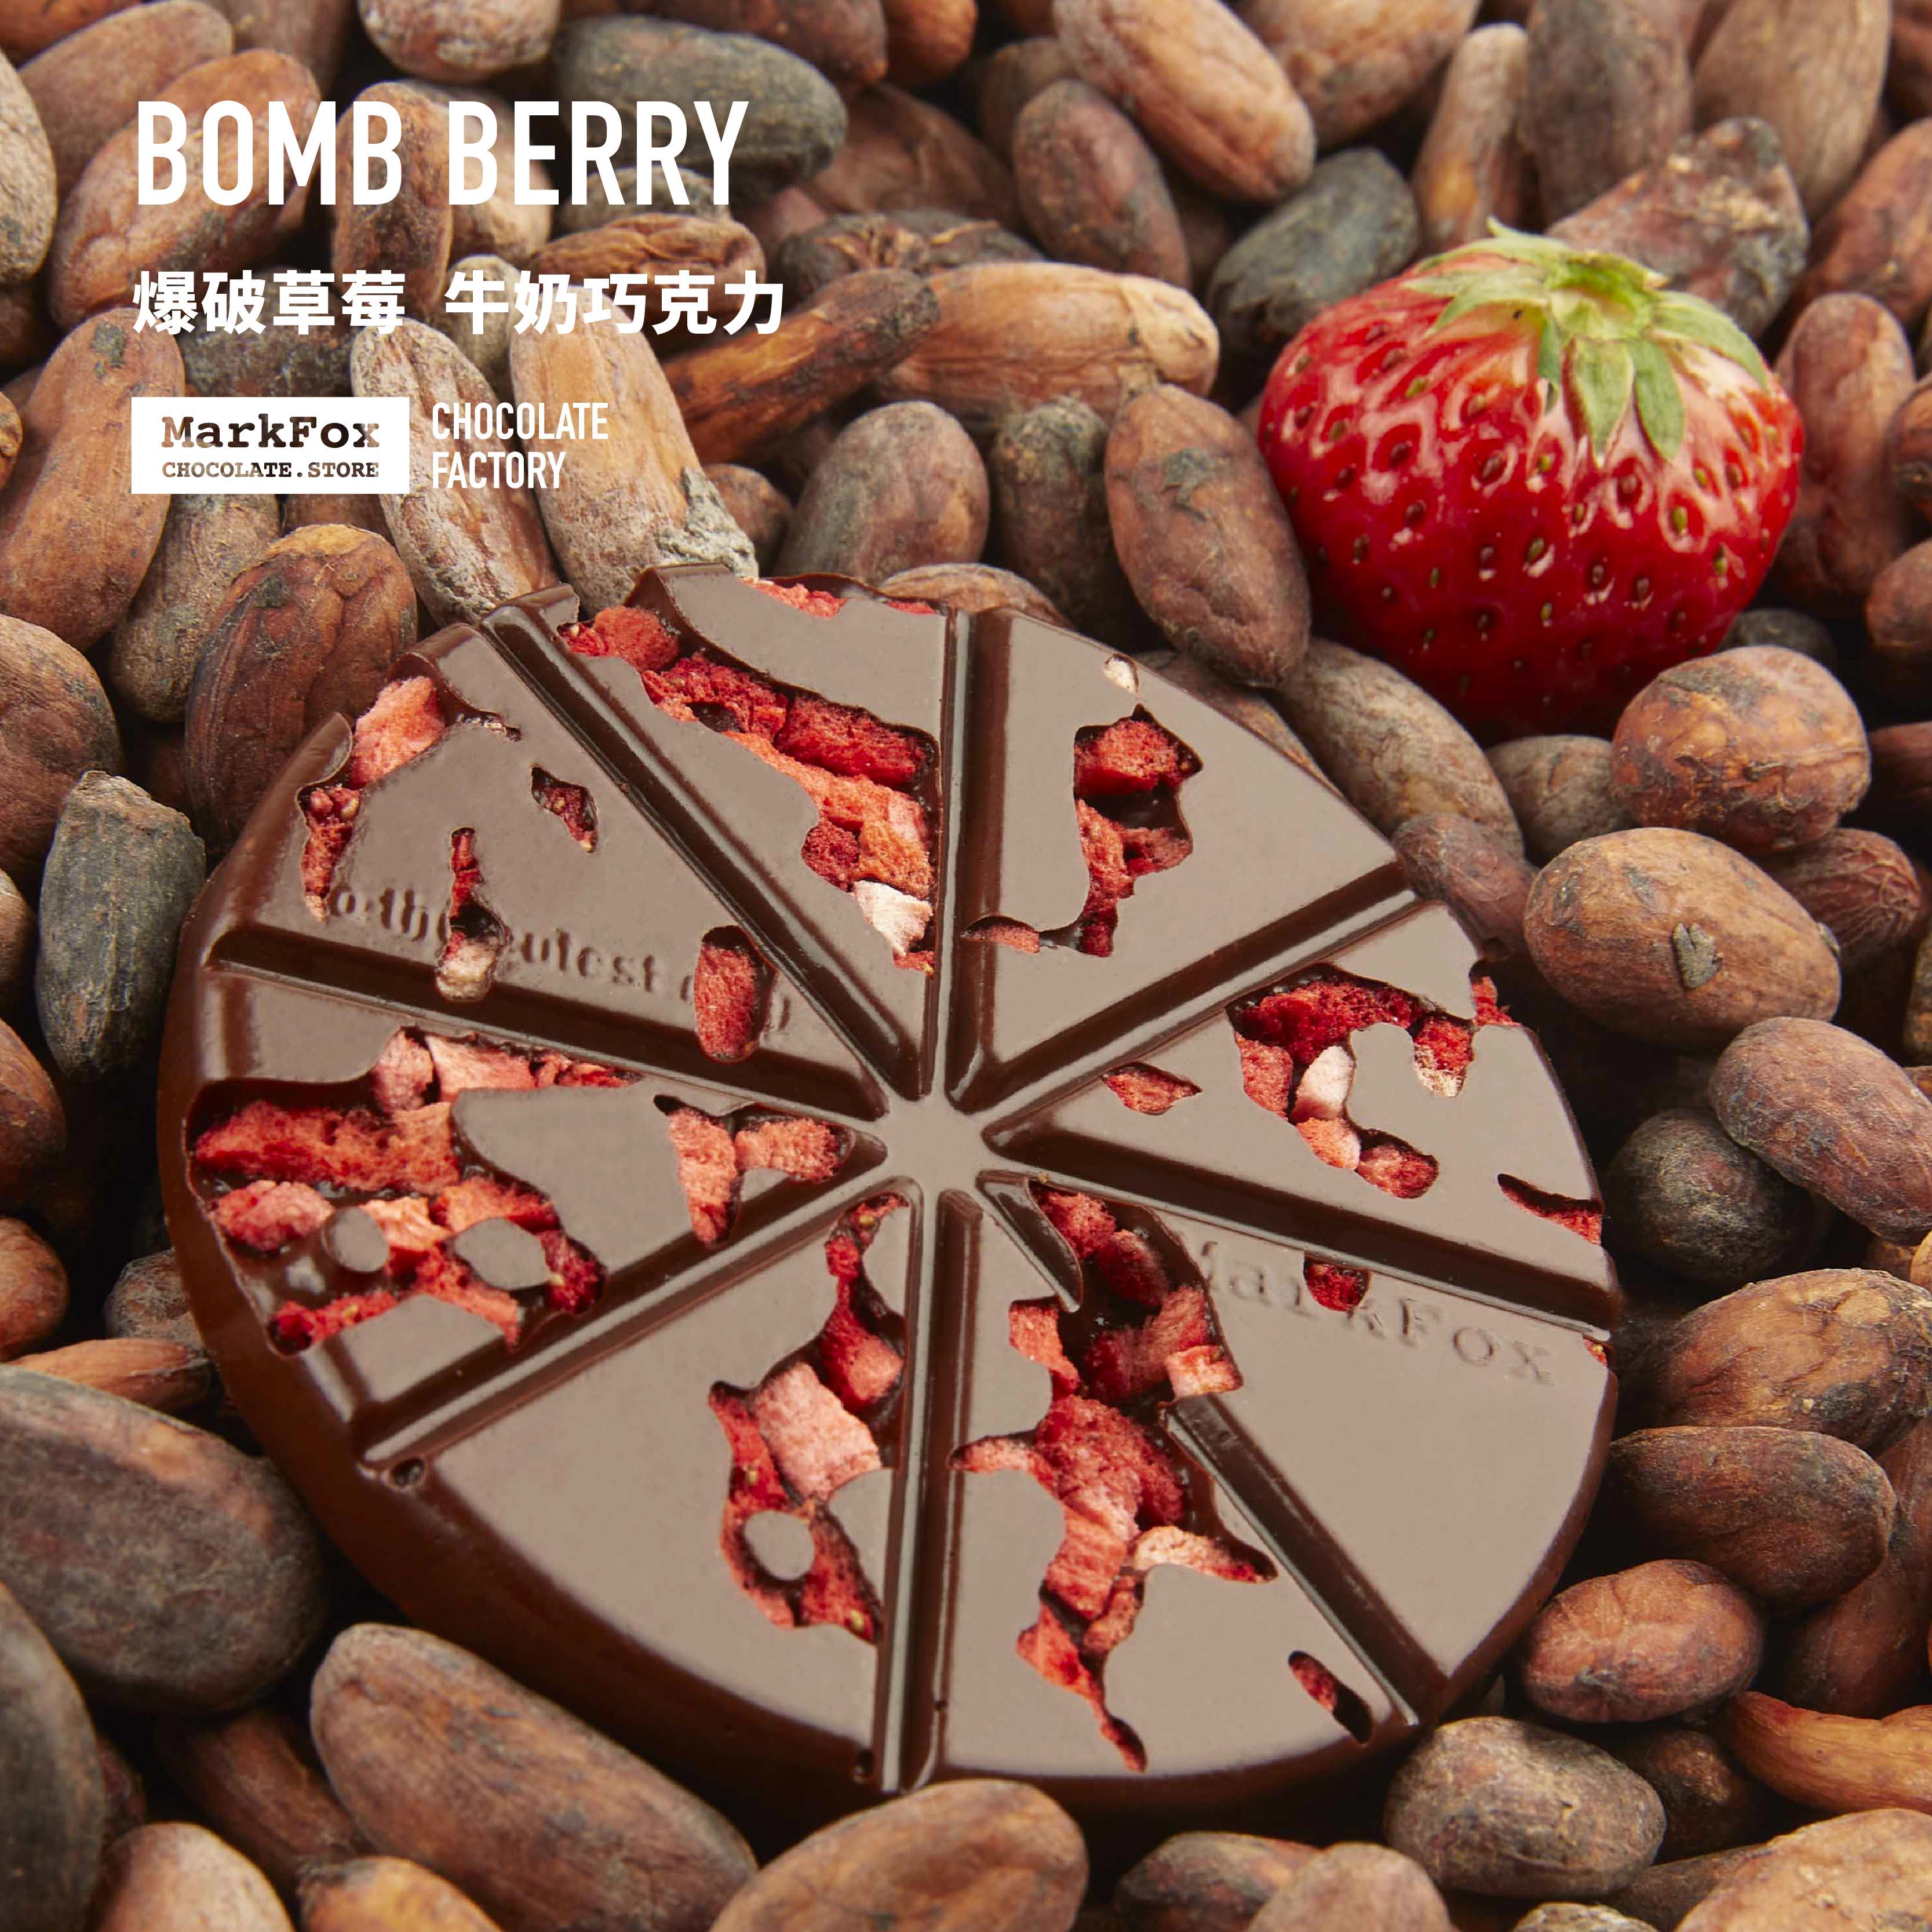 可可狐 爆破草莓情书巧克力 节日礼物 顺丰包邮